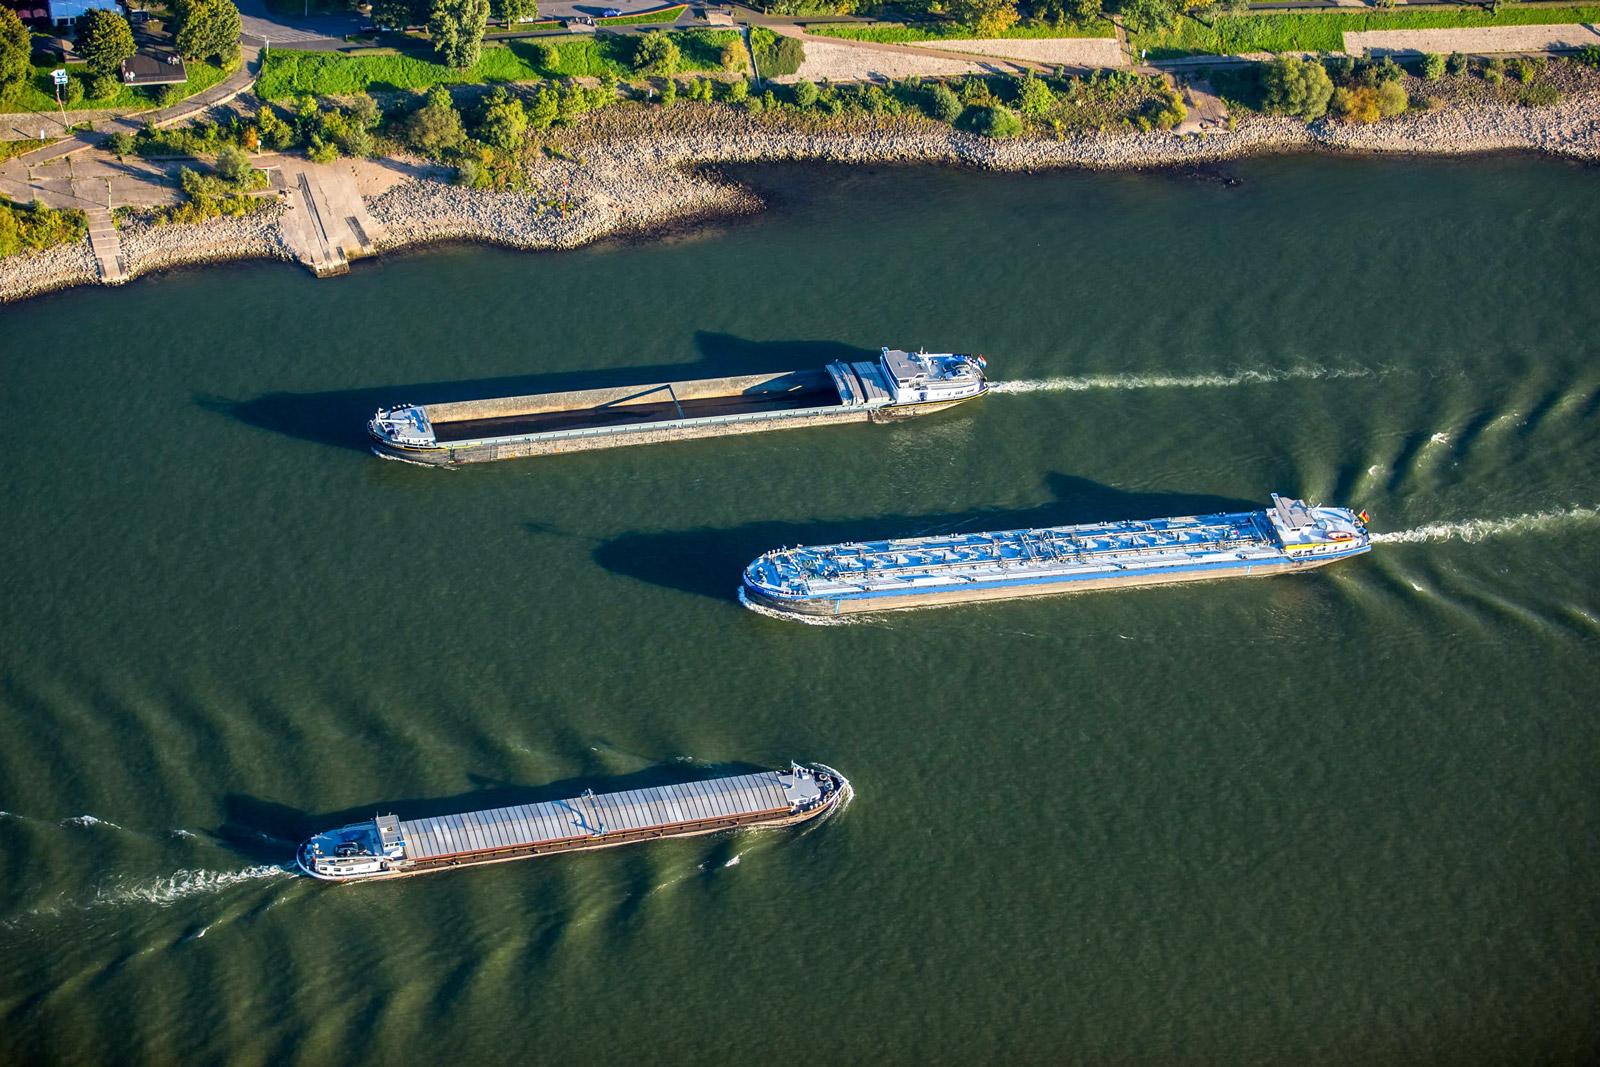 Binnenschiffe auf Rhein duisport